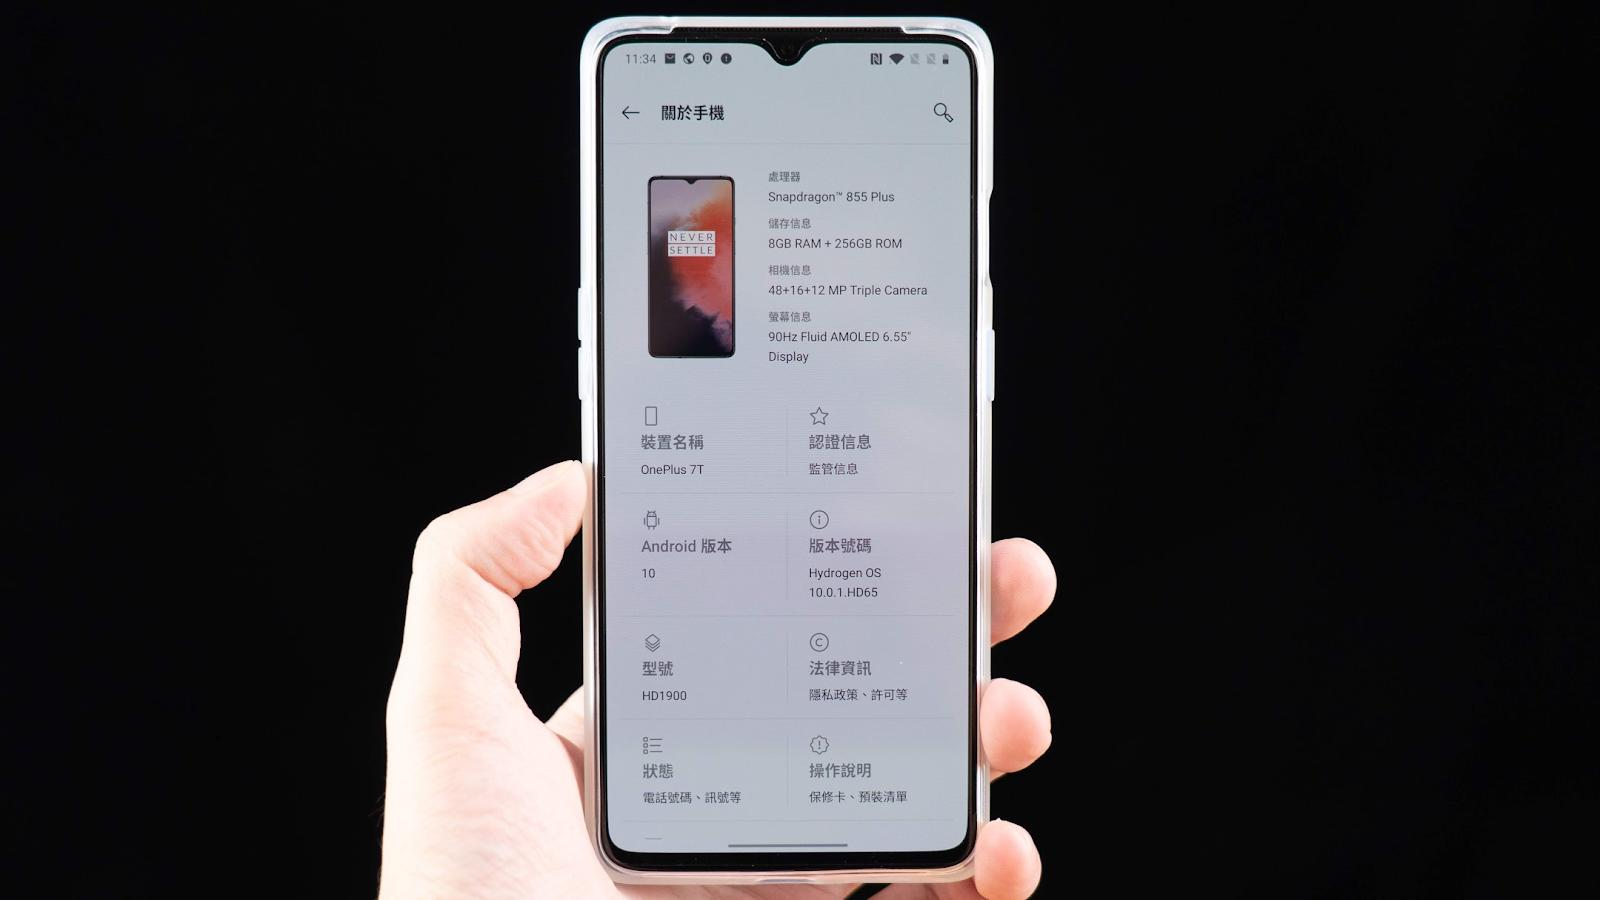 開箱在京東買的一加 OnePlus 7T!該怎麼安裝 Google、刷氧OS? - 11